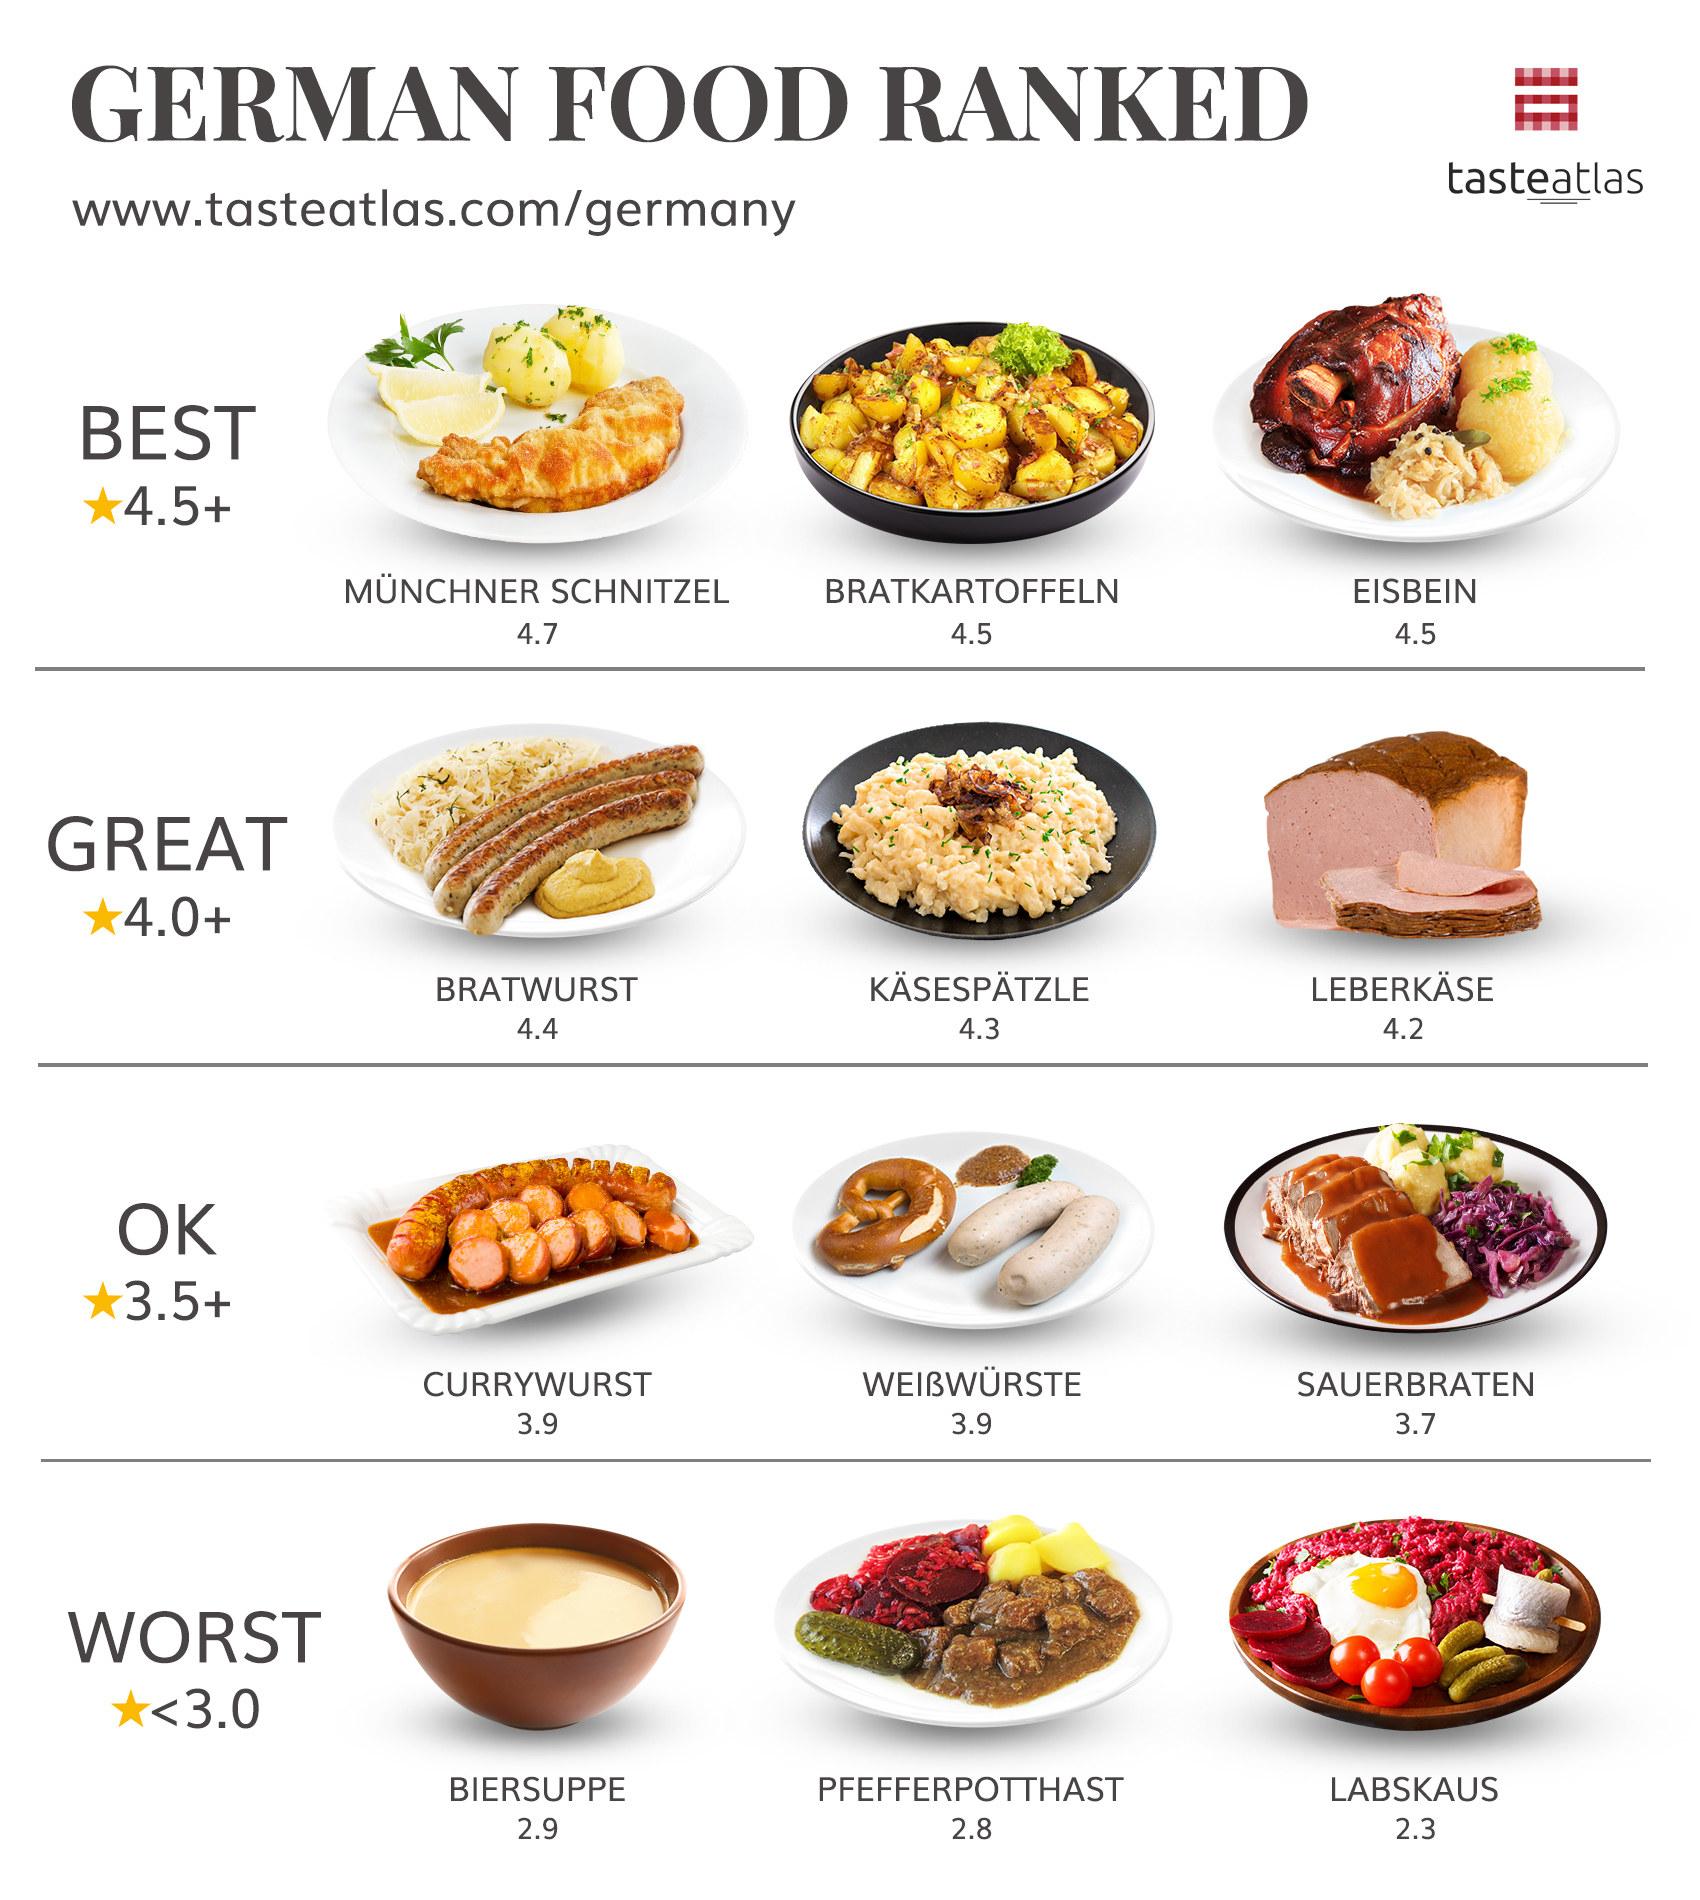 Graphic showing Munchner Schnitzel ranked best